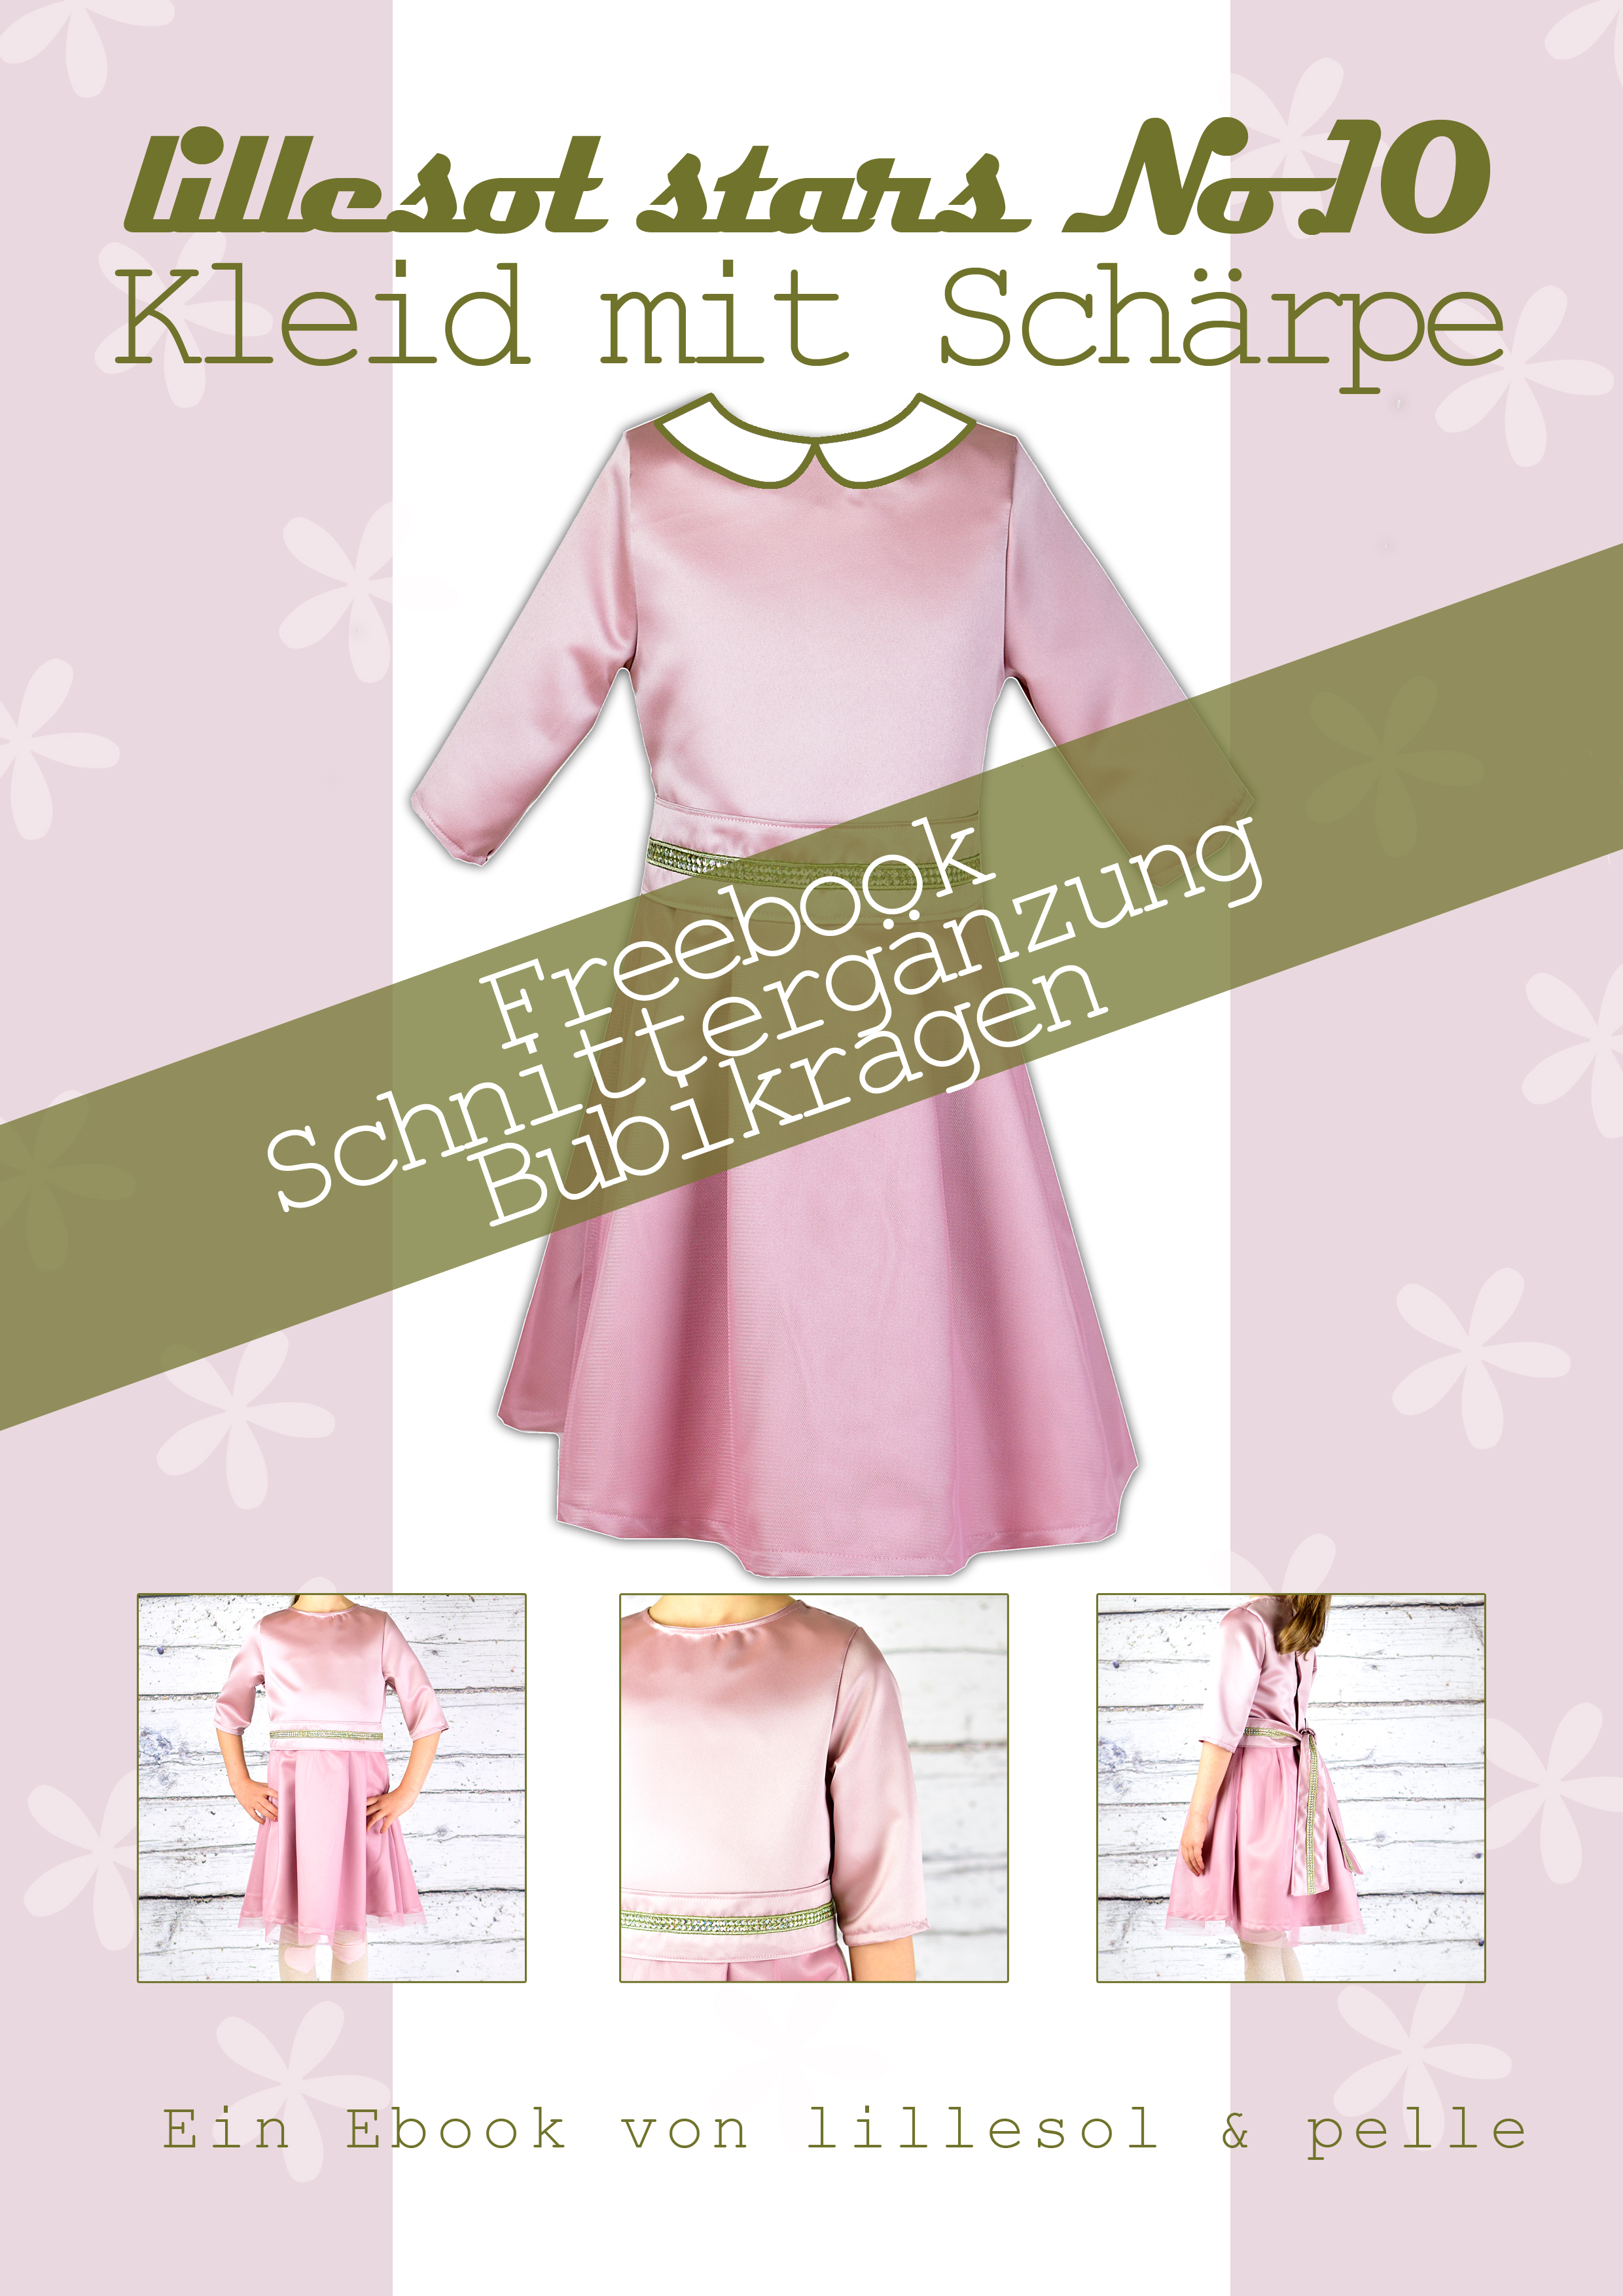 Titelbild Ebook ls10 Kleid Schärpe schnittergänzung bubikragen Kopie